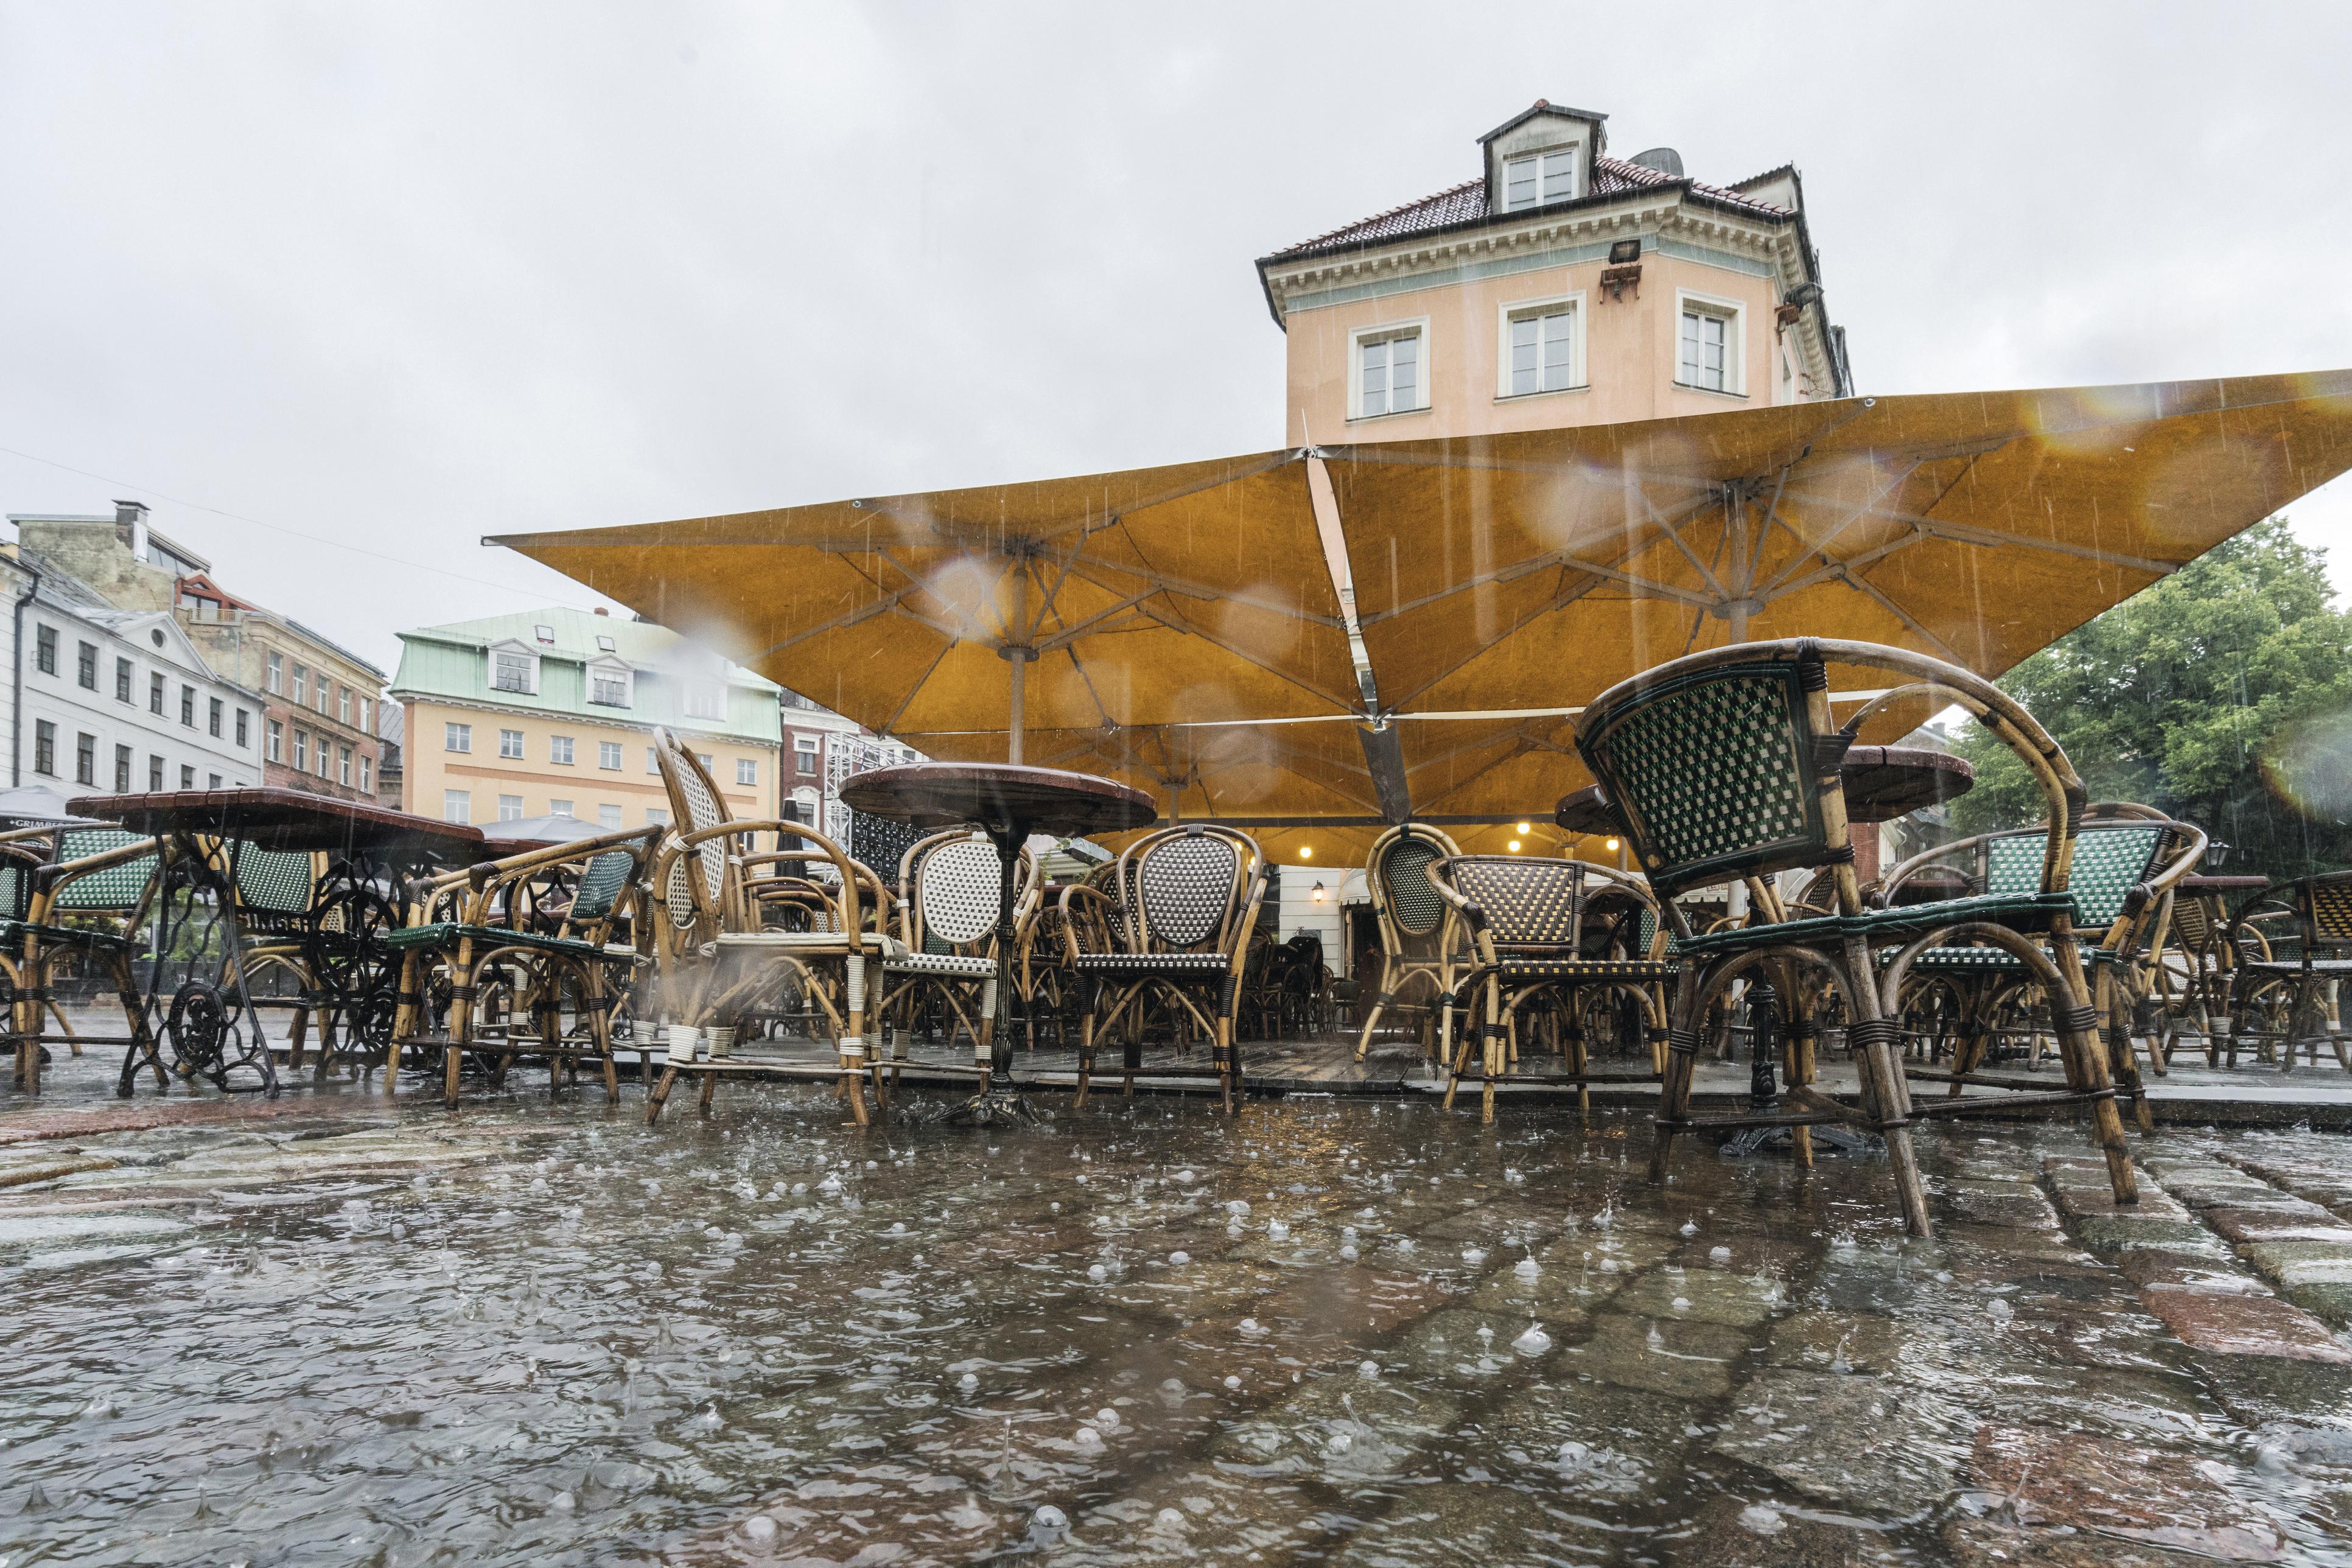 Comment l'Europe de l'Est s'est vidée de ses habitants depuis la chute du mur de Berlin